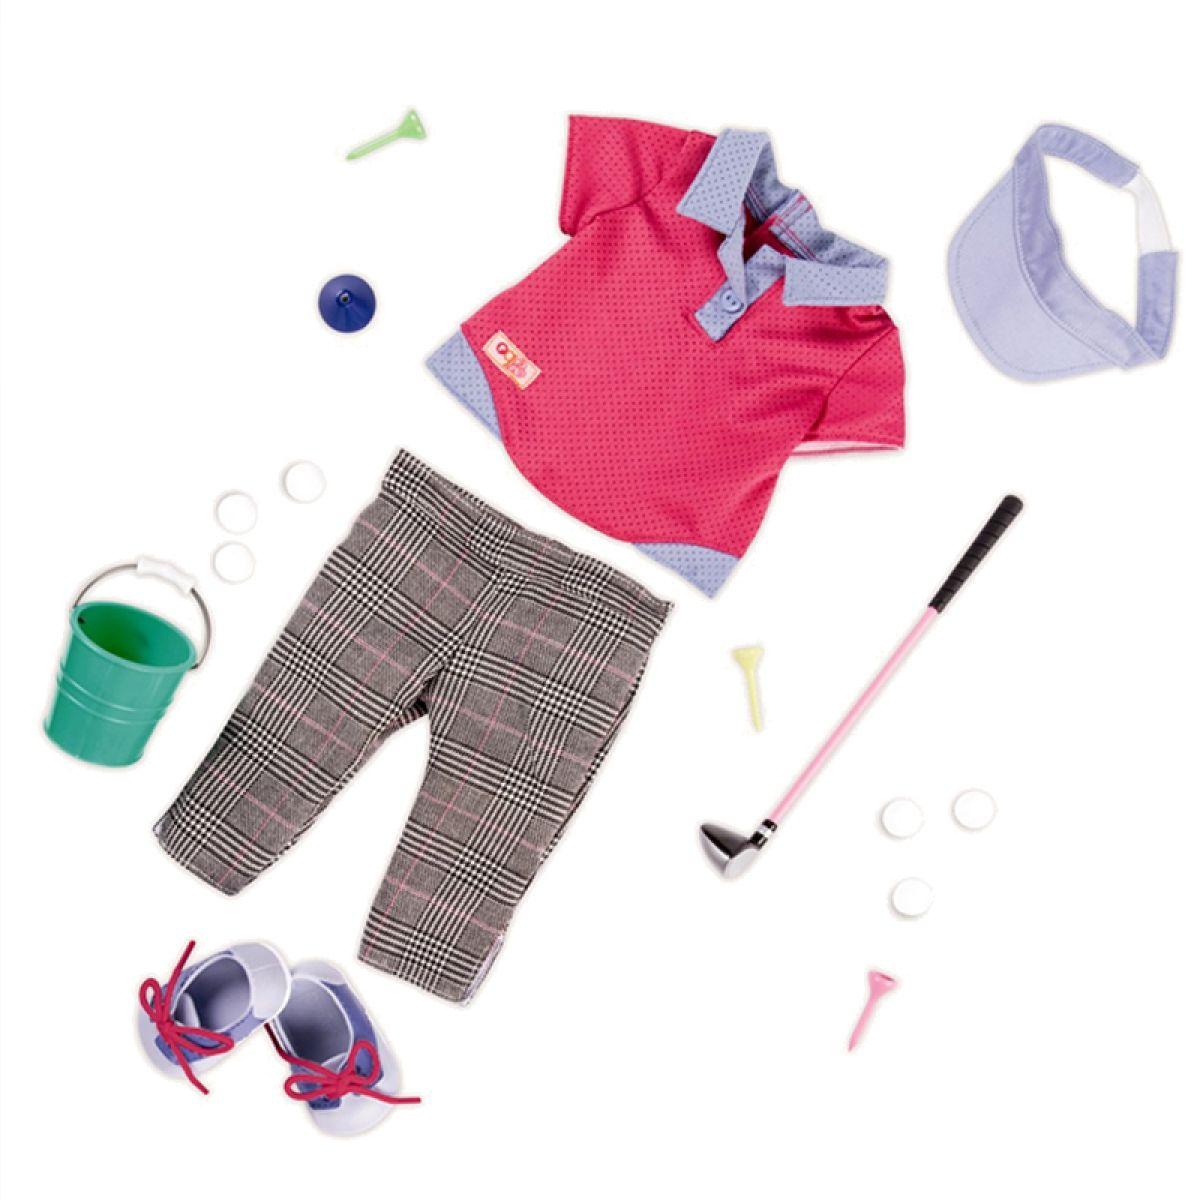 Battat Obleček na golf